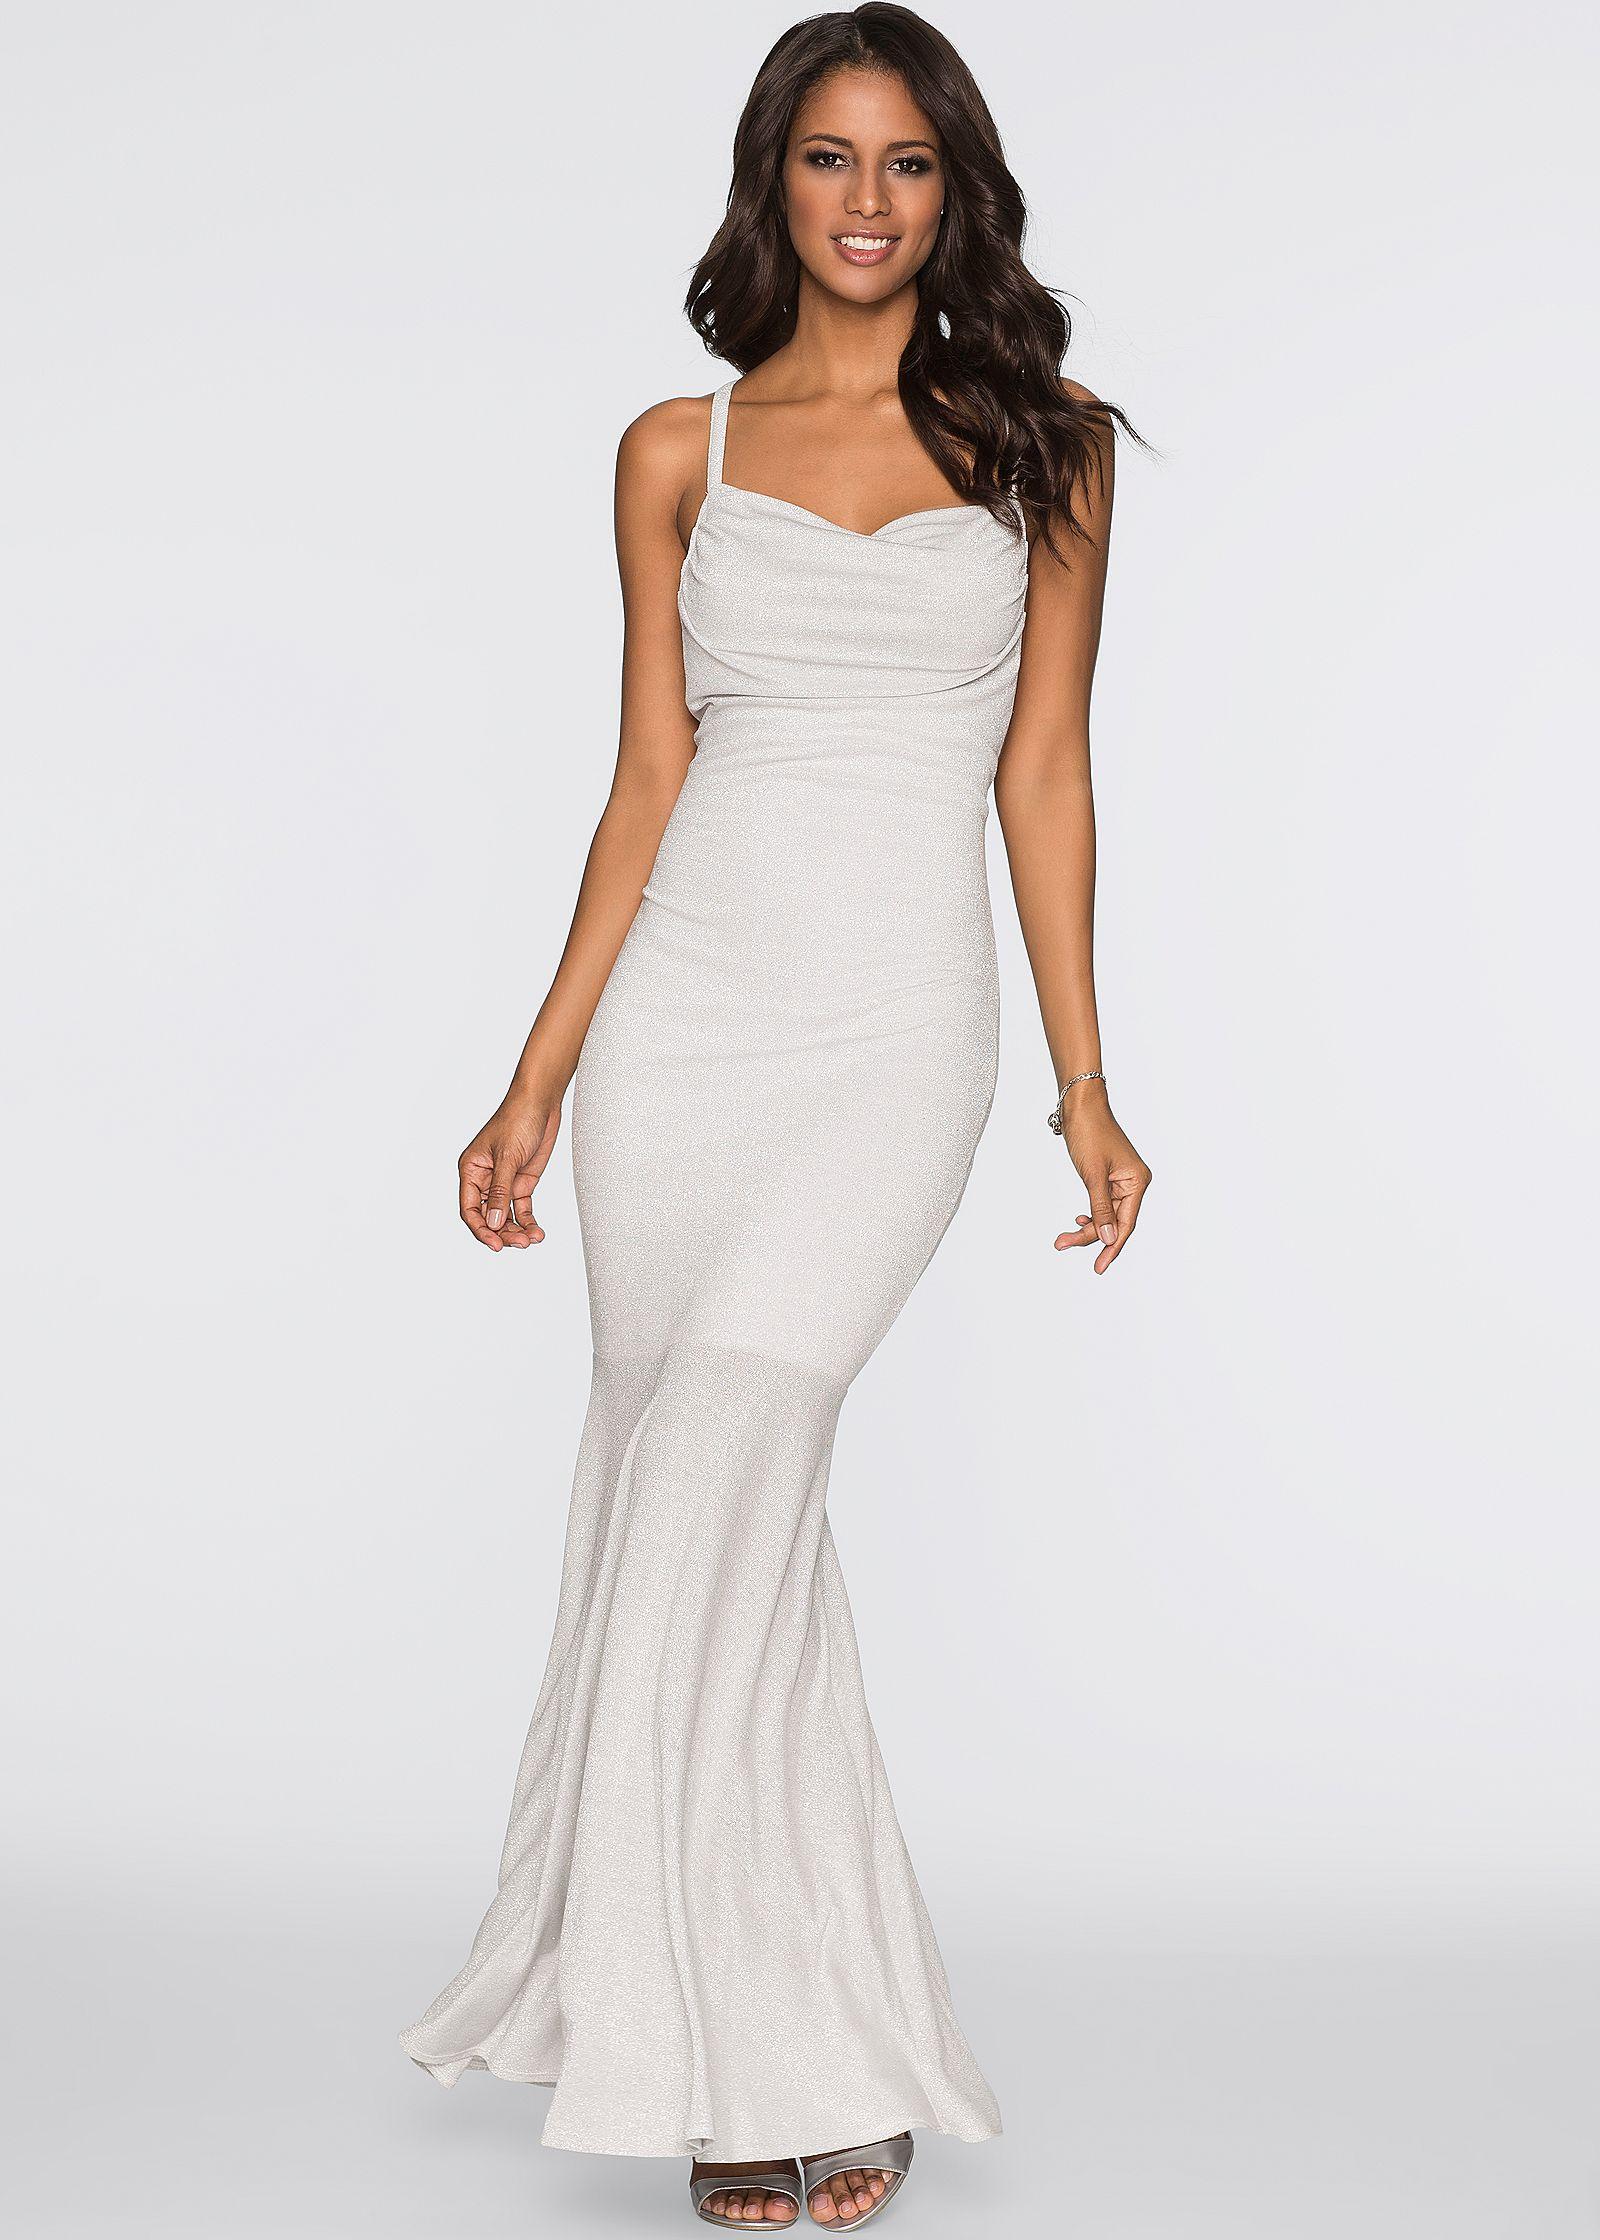 Backless Wedding Dress Bra 61 Best glitter wedding dress